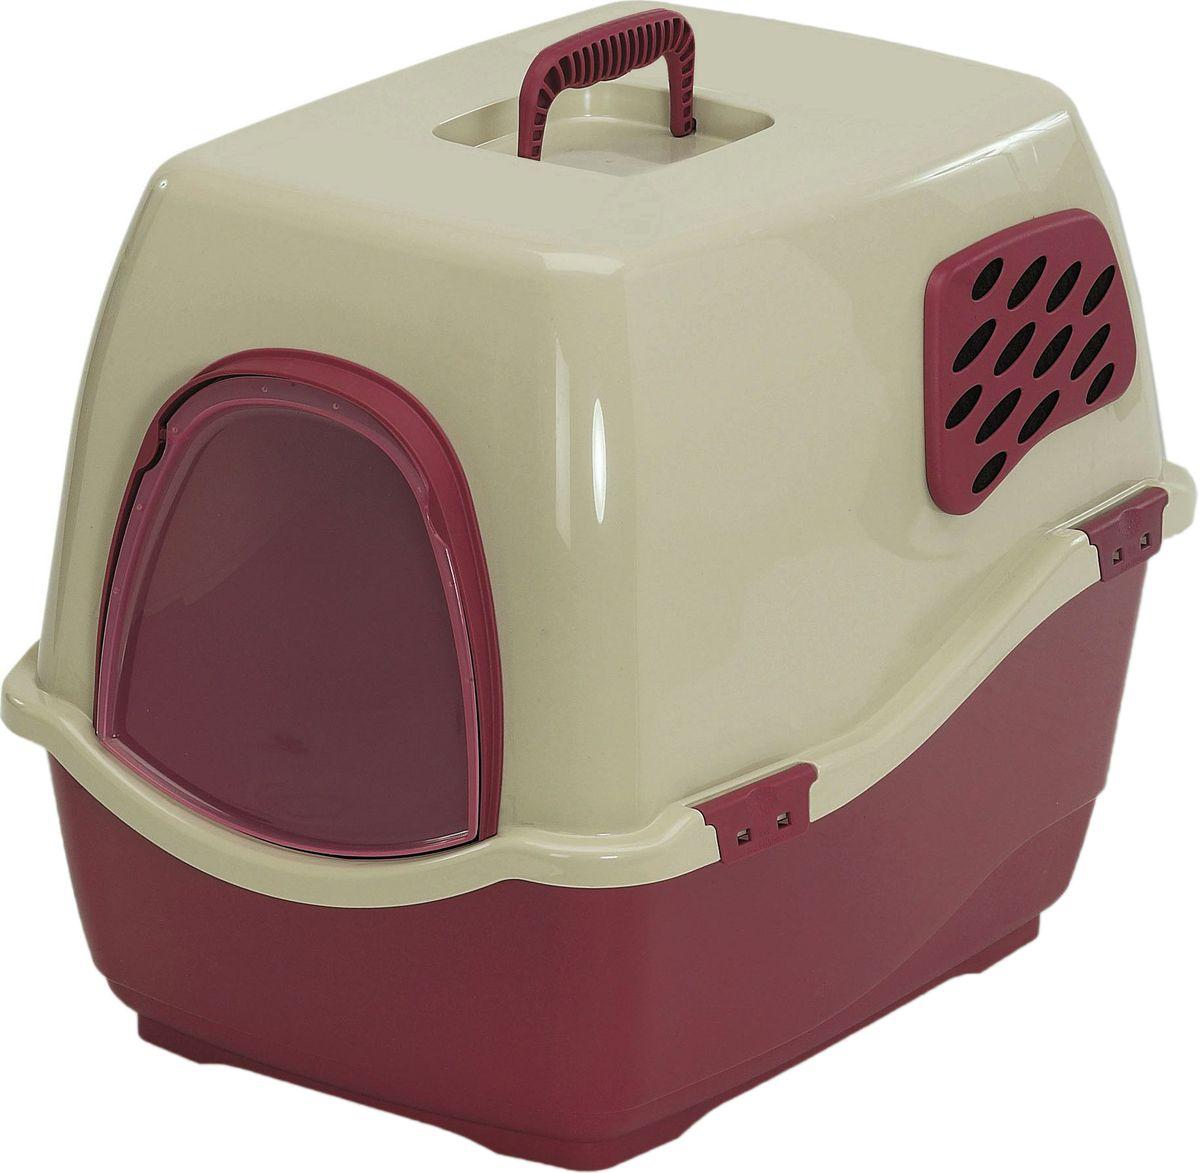 Био-туалет для животных Marchioro  Bill 1F , цвет: коричневый, бежевый, 50 х 40 х 42 см - Наполнители и туалетные принадлежности